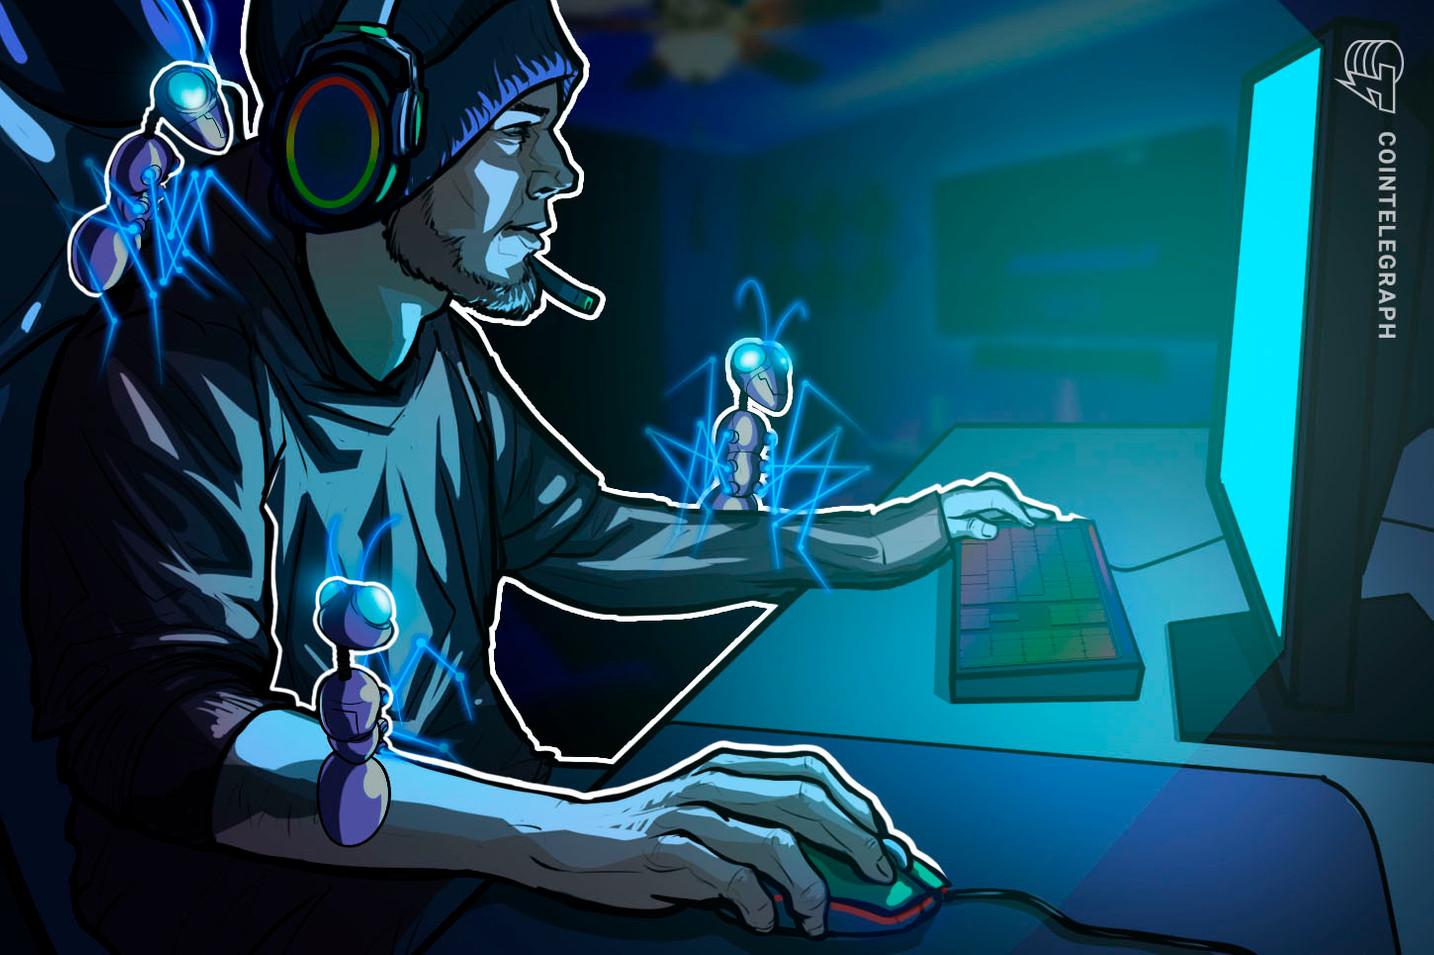 ينضم عملاق الألعاب Ubisoft إلى Aleph.im كمشغل أساسي لعقد القناة